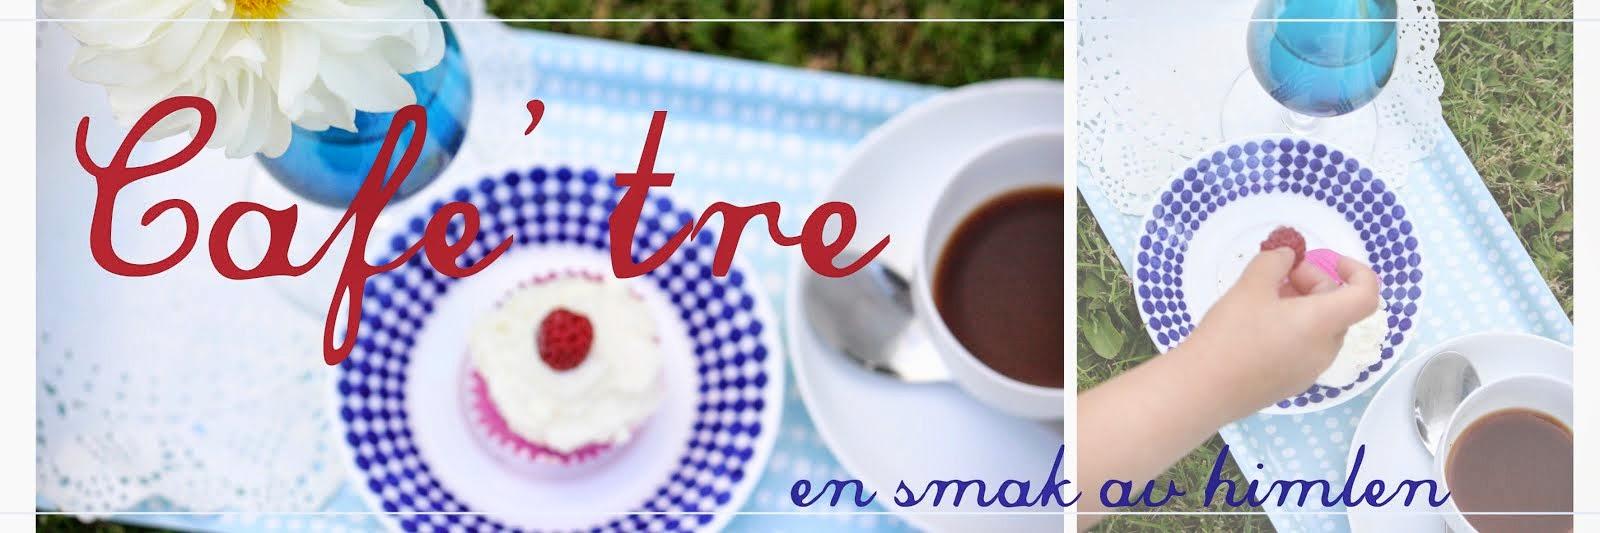 Café Tre -bloggen